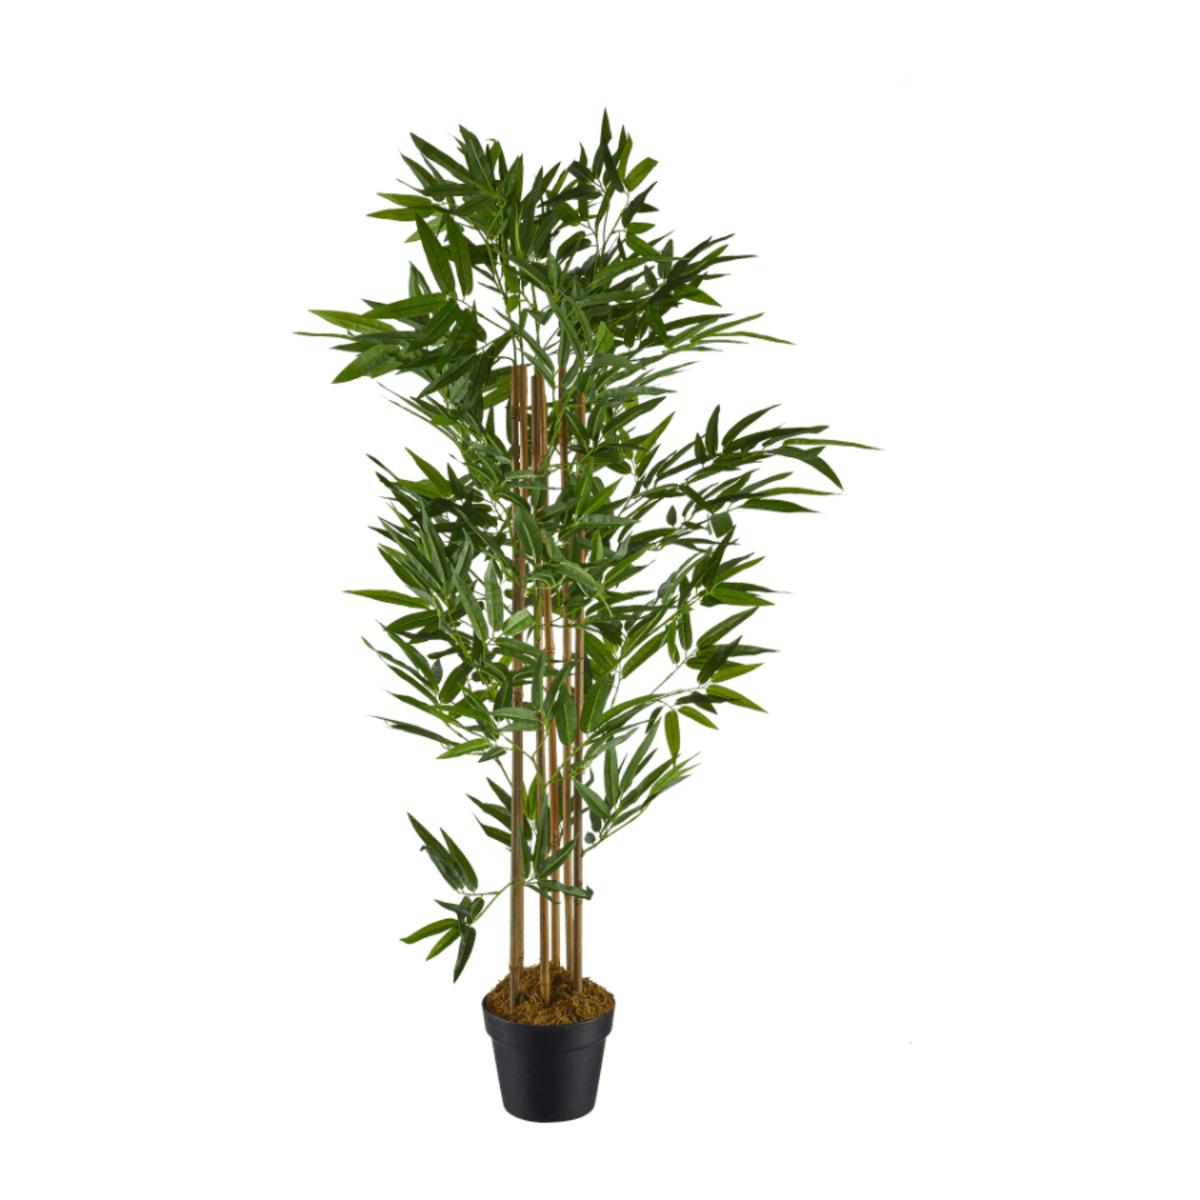 Bild 2 von LIVING ART     Künstliche Pflanze